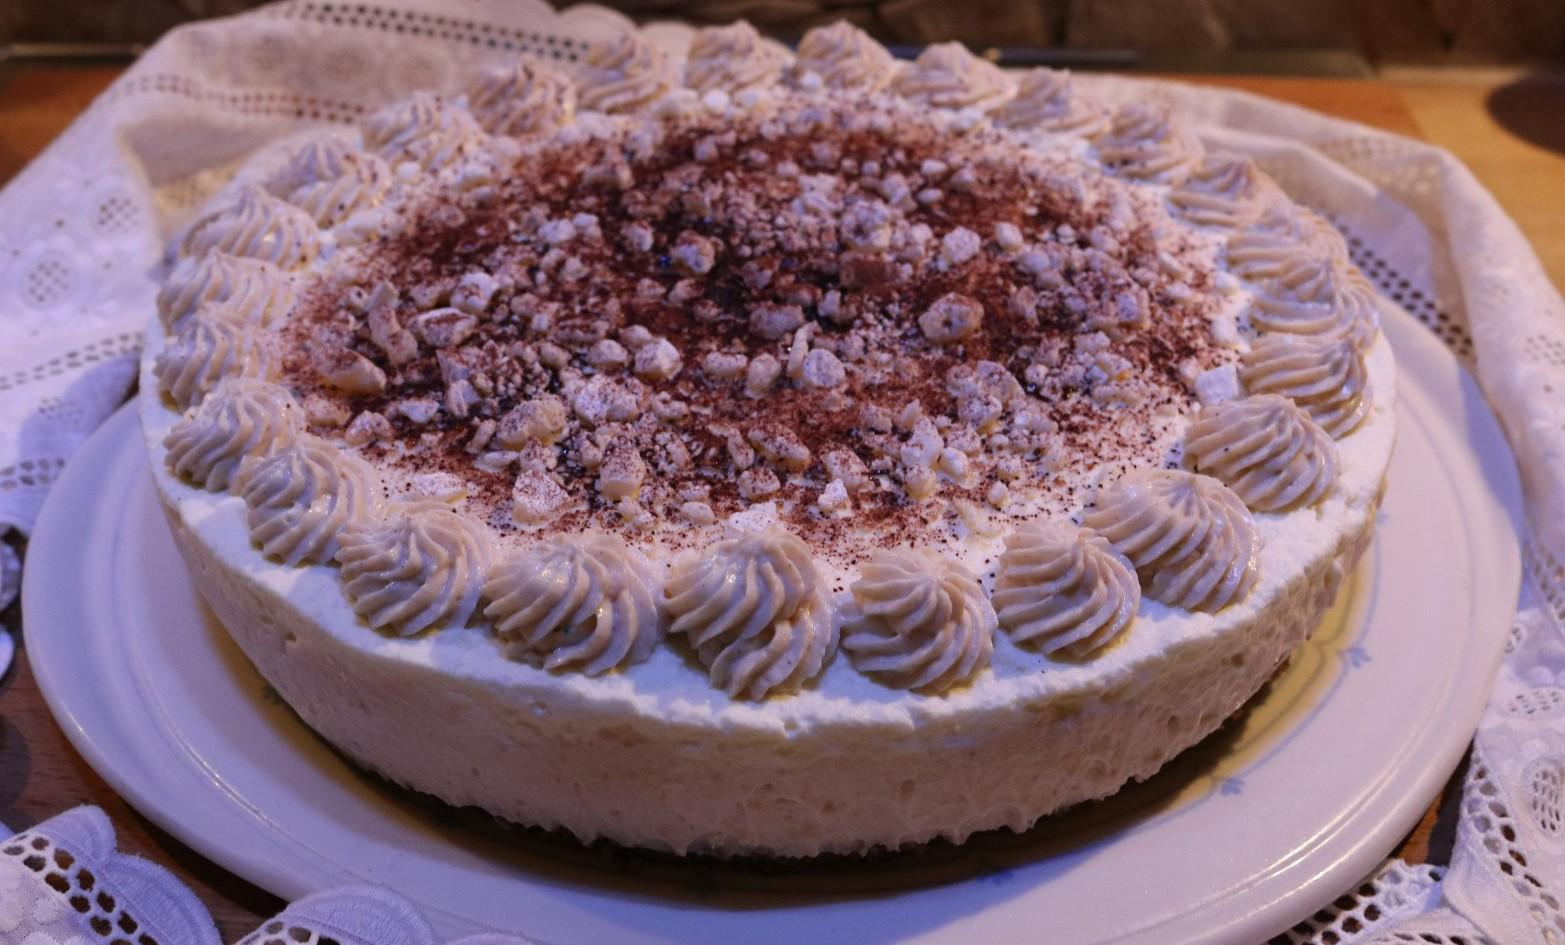 Weihnachts Rezept Mascarpone Zimt Torte Rezept Weihnachtstorte